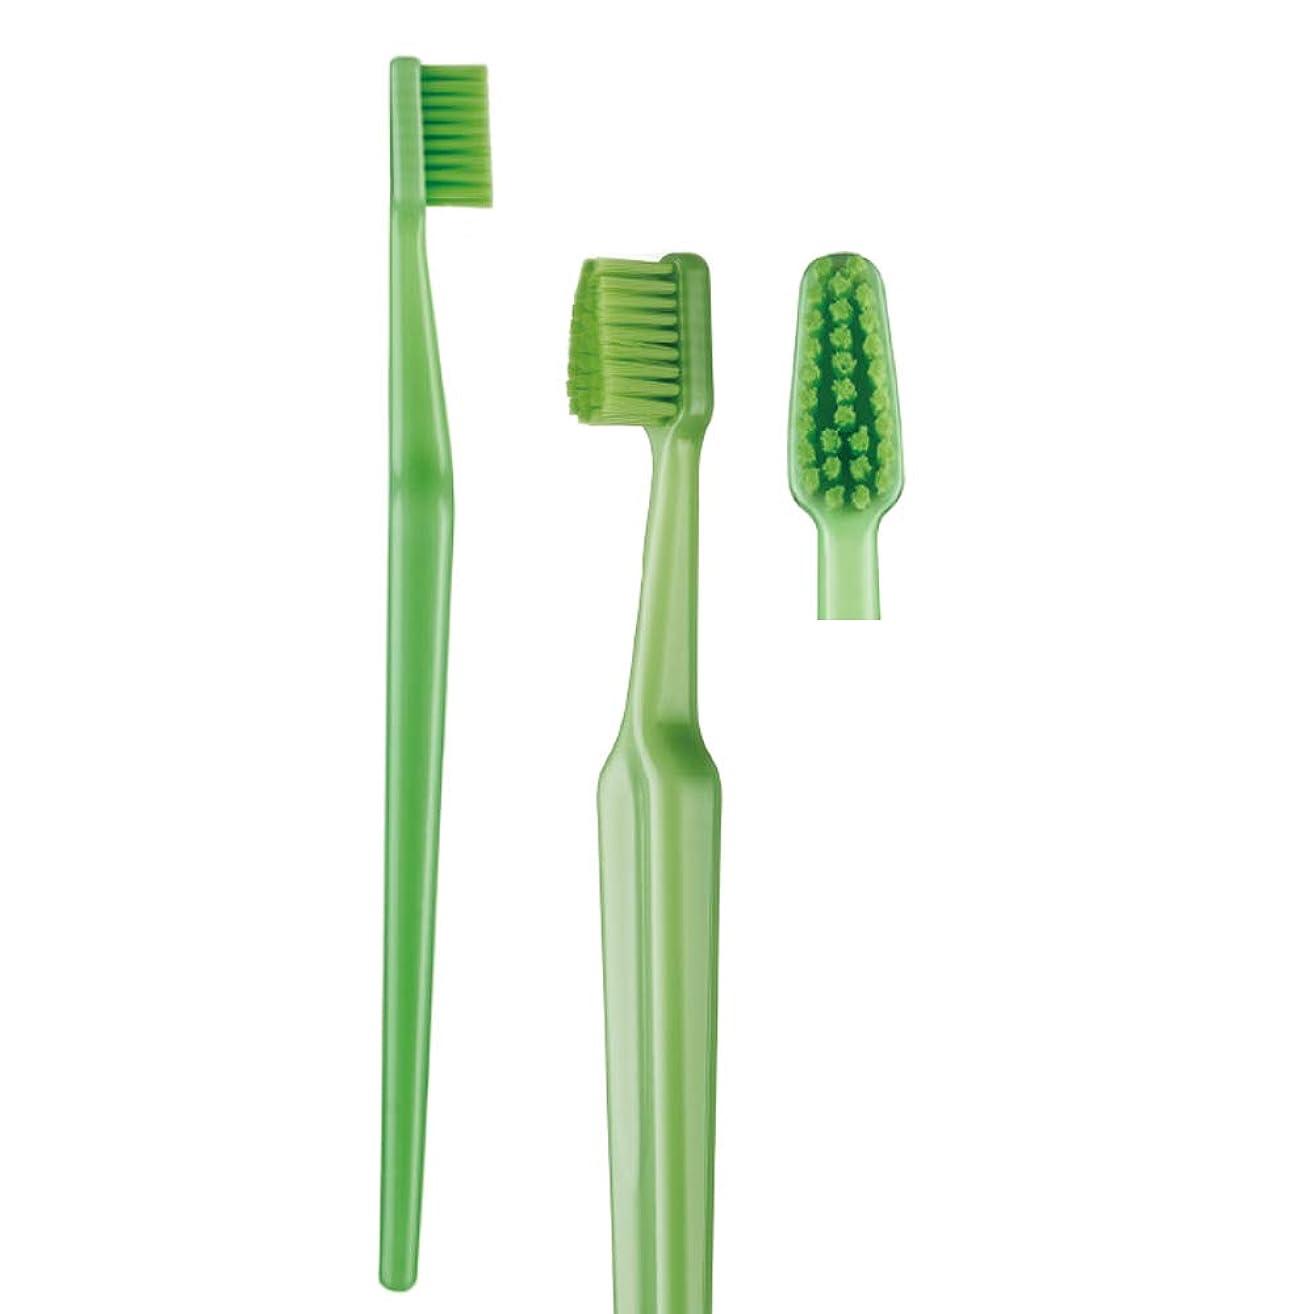 影店主音声歯科専売品 大人用歯ブラシ TePe GOOD (グッド) コンパクト ソフト(やわらかめ) ヘッド中 1本